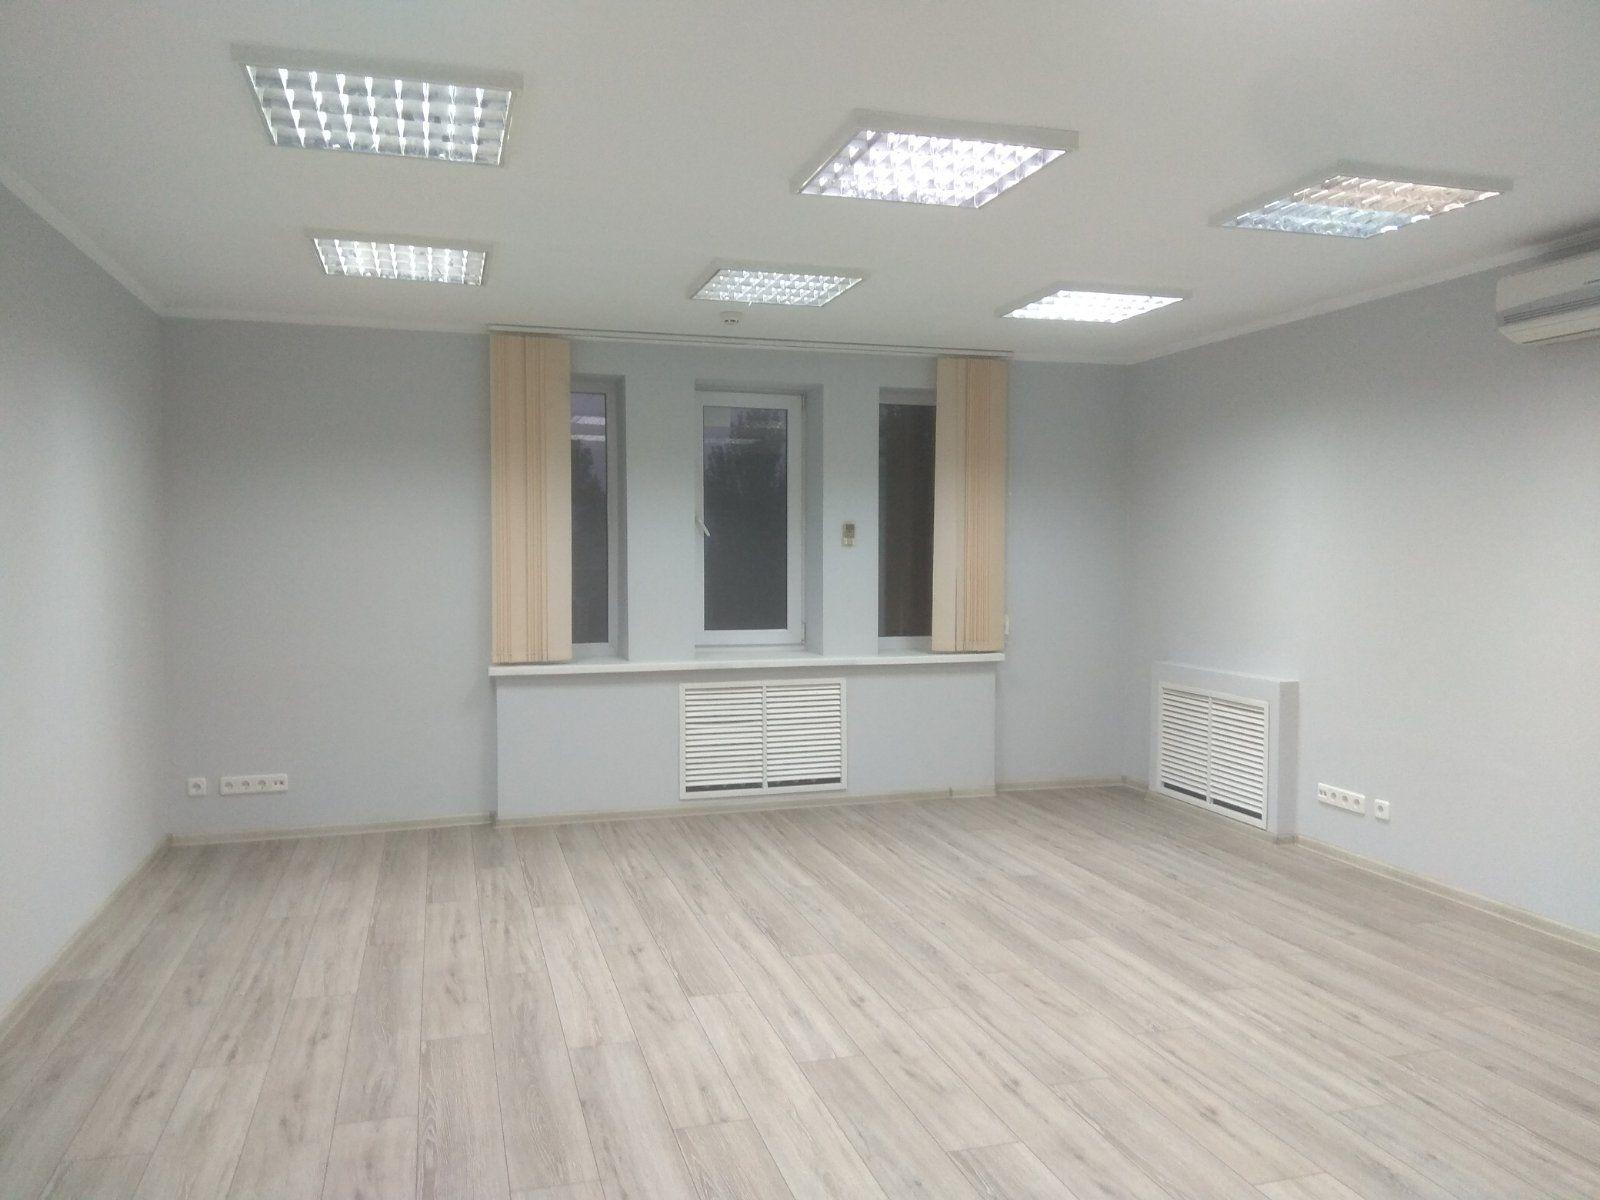 Офис, W-6249536, Верхний Вал, 30а, Киев - Фото 1